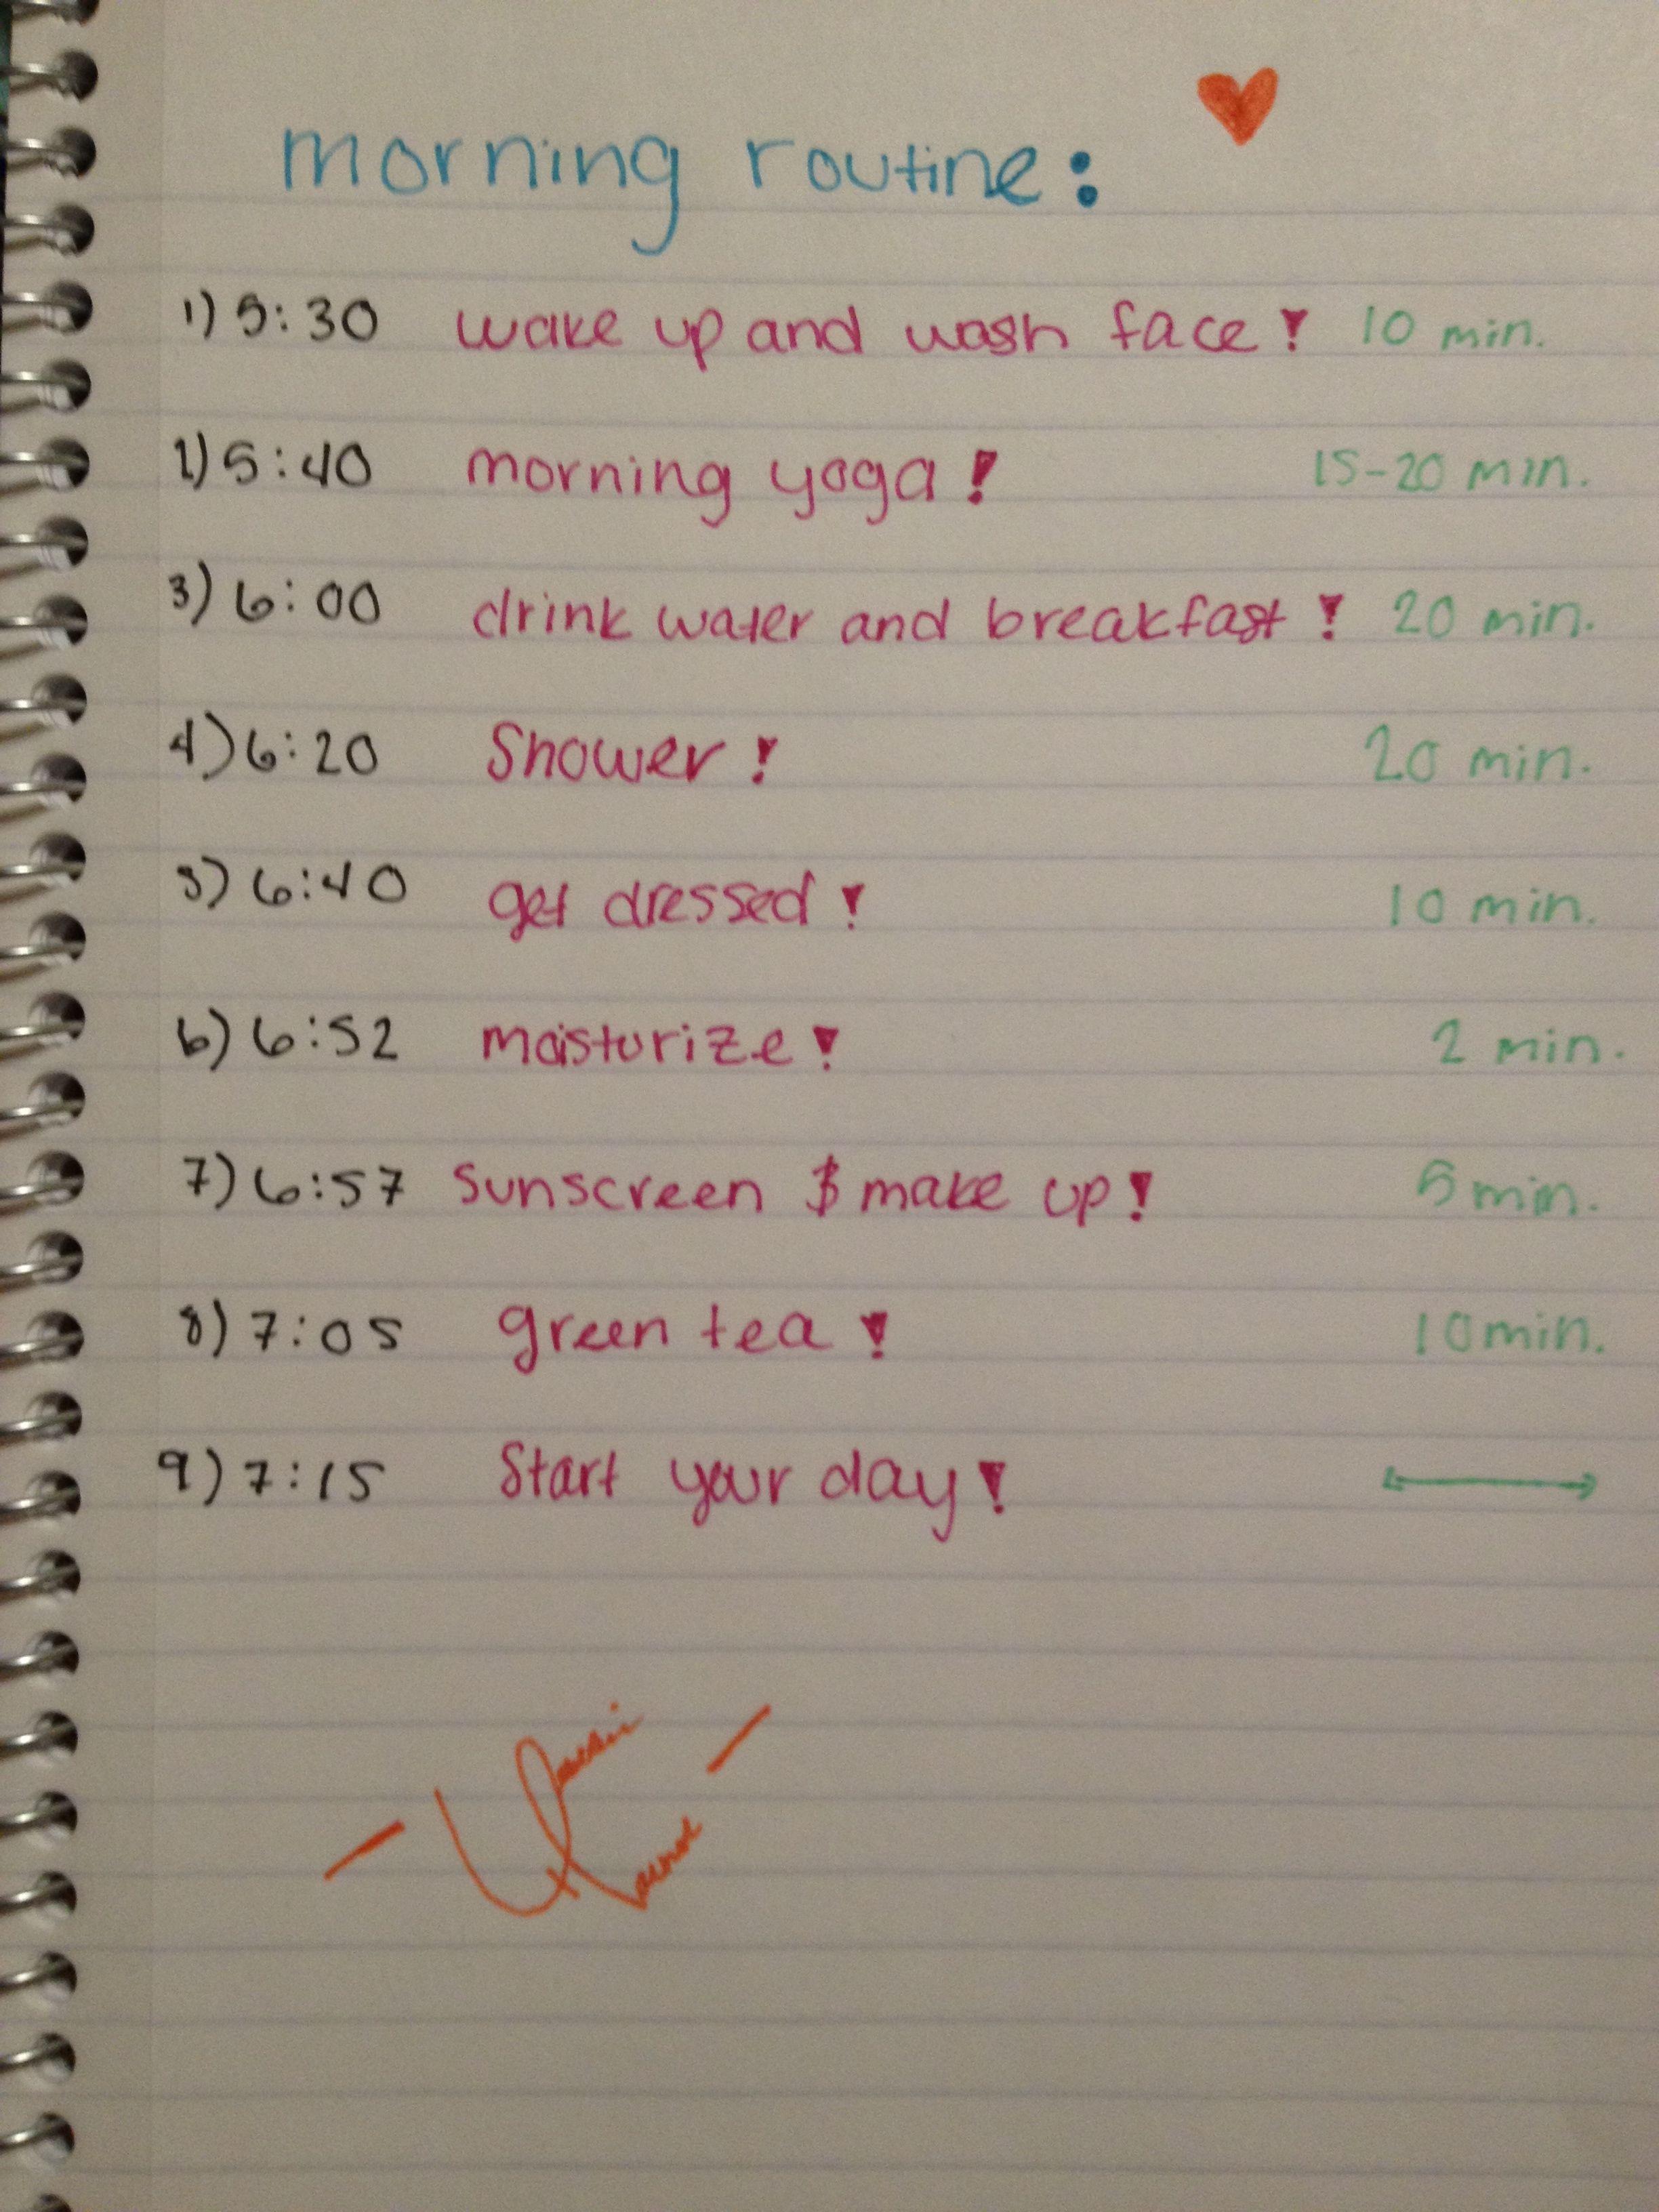 Teen Morning Routine Worksheet